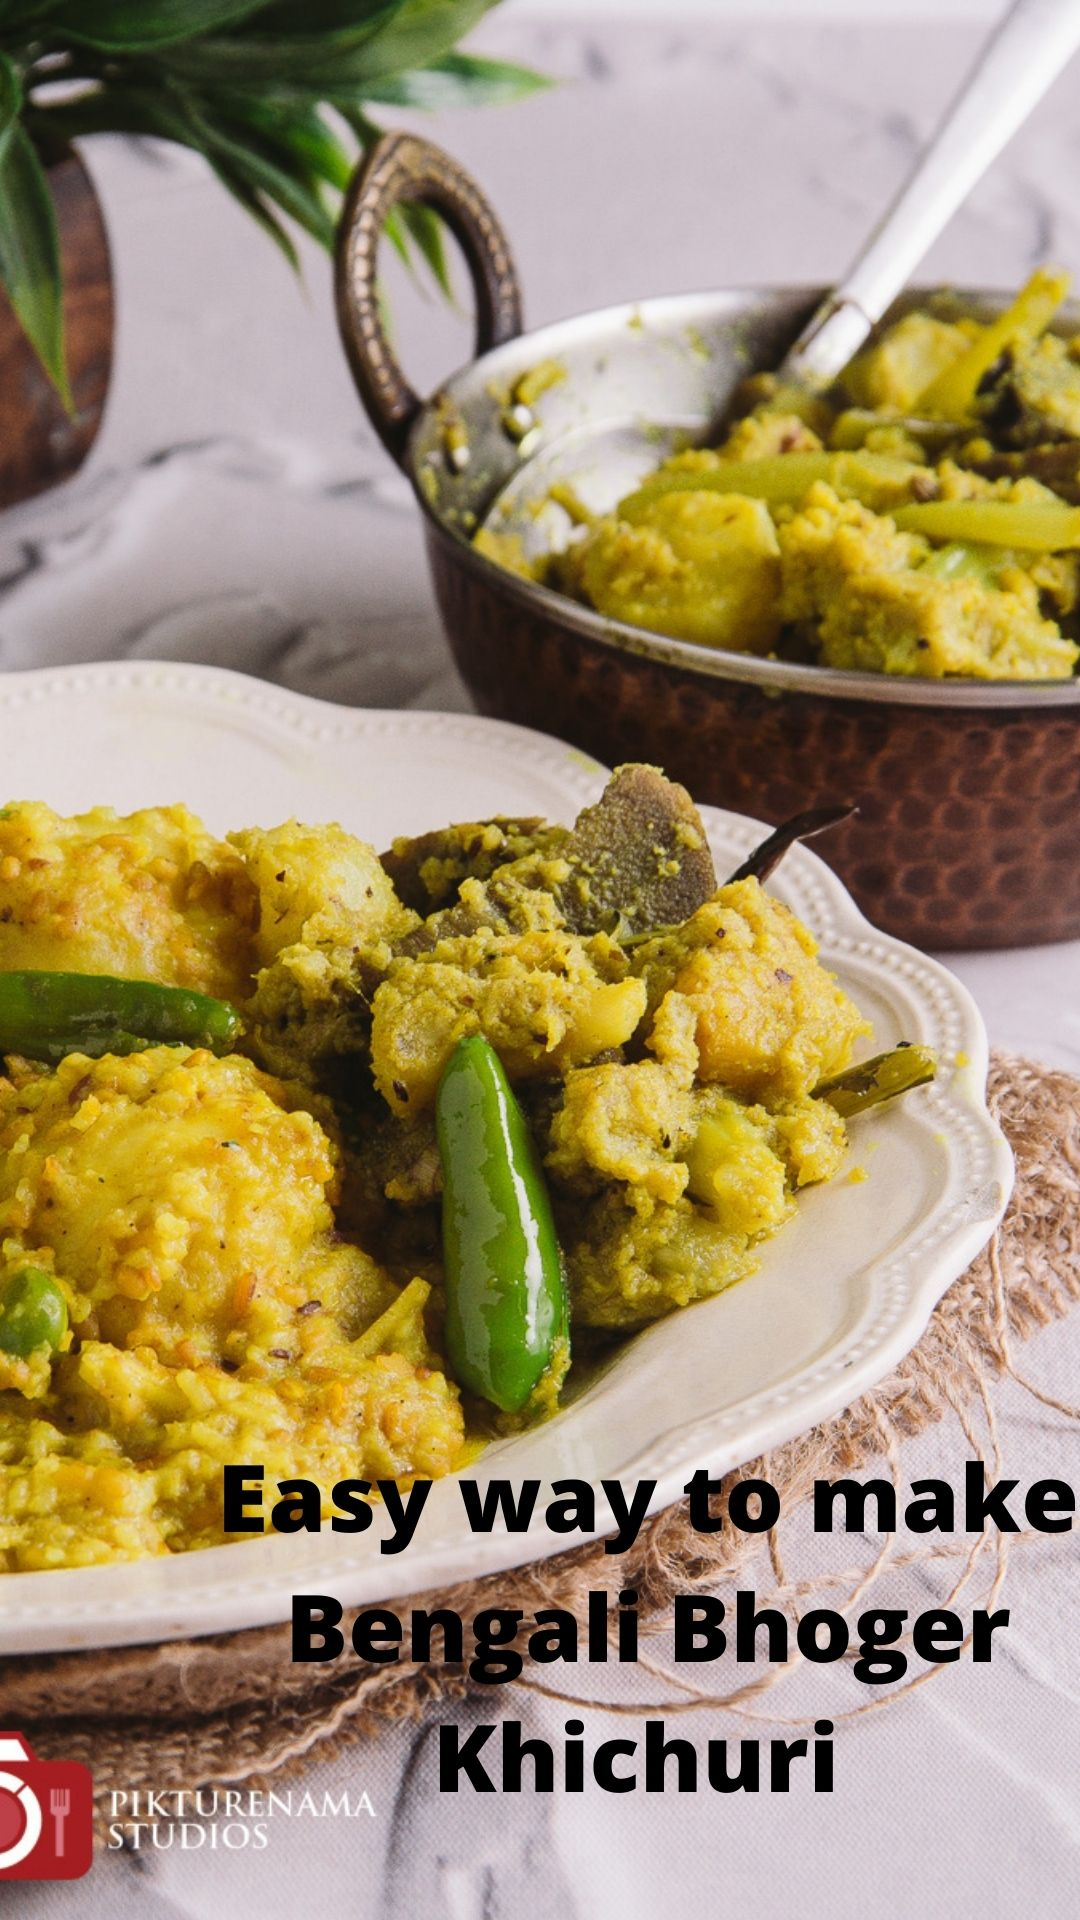 Easy way to make Bengali Bhoger Khichuri - 1